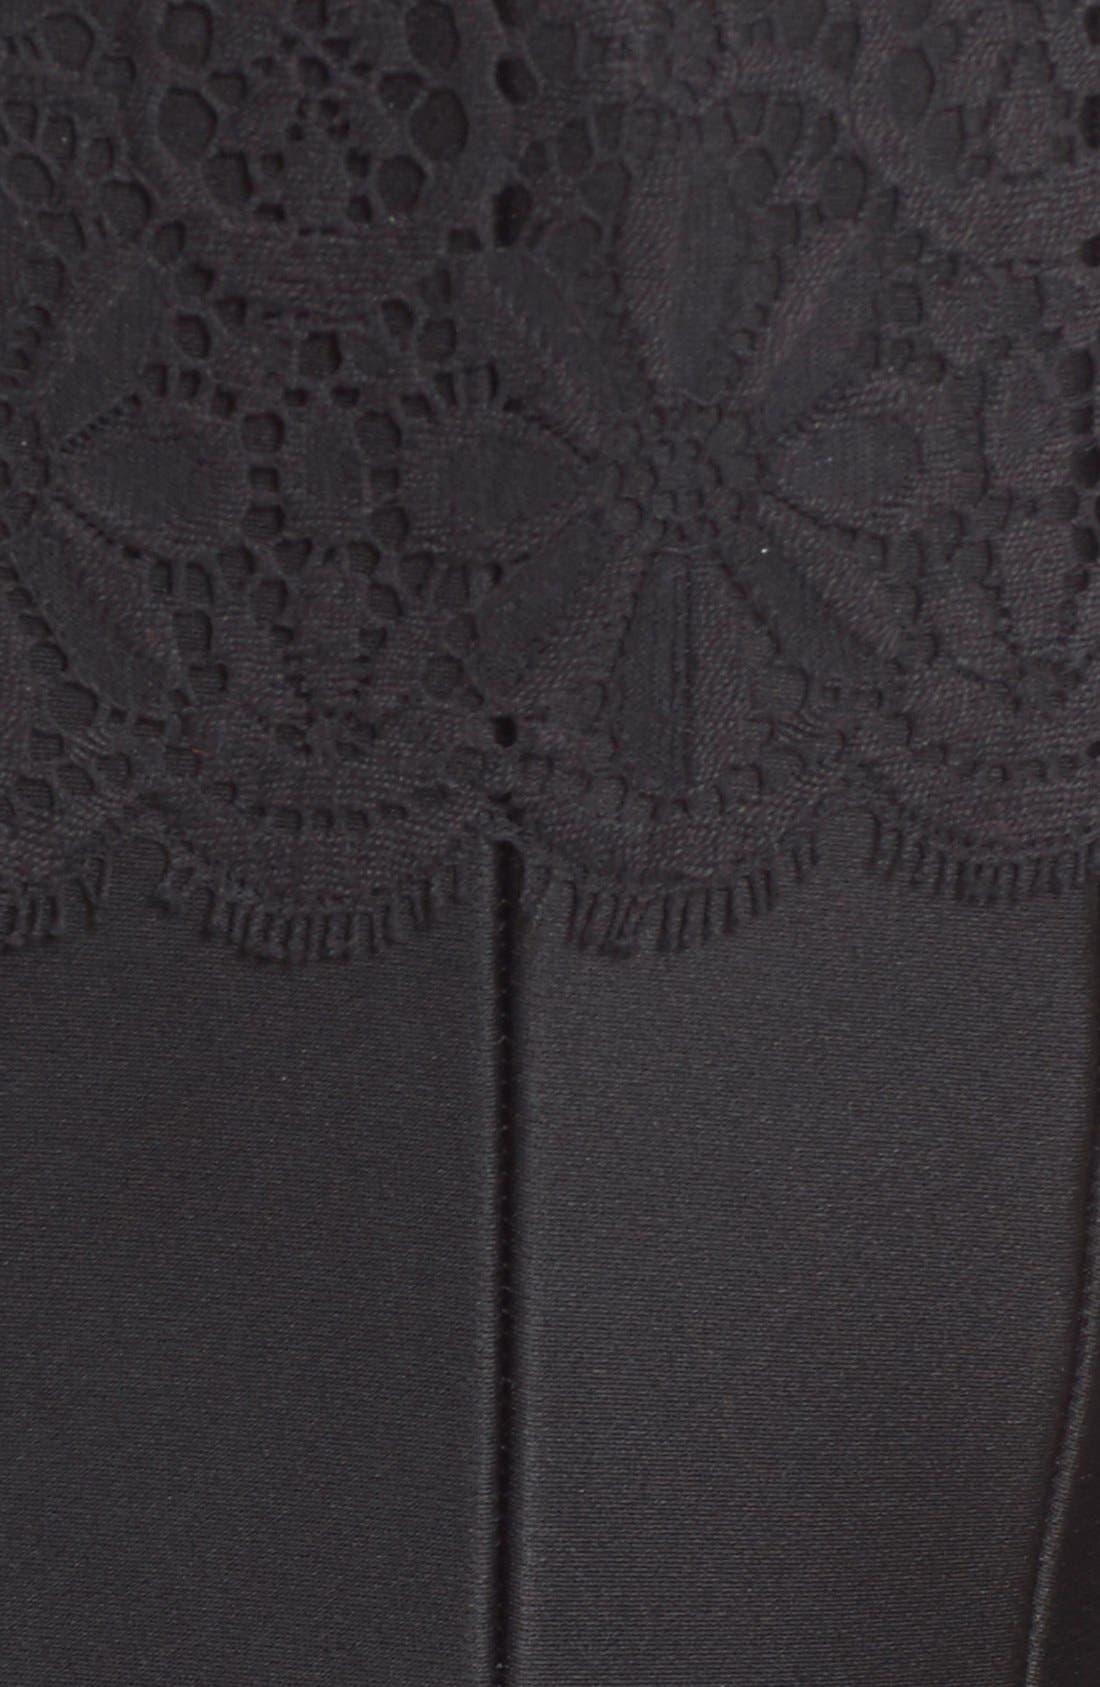 Alternate Image 3  - J. Mendel Floral Lace Yoke Godet Flare Dress